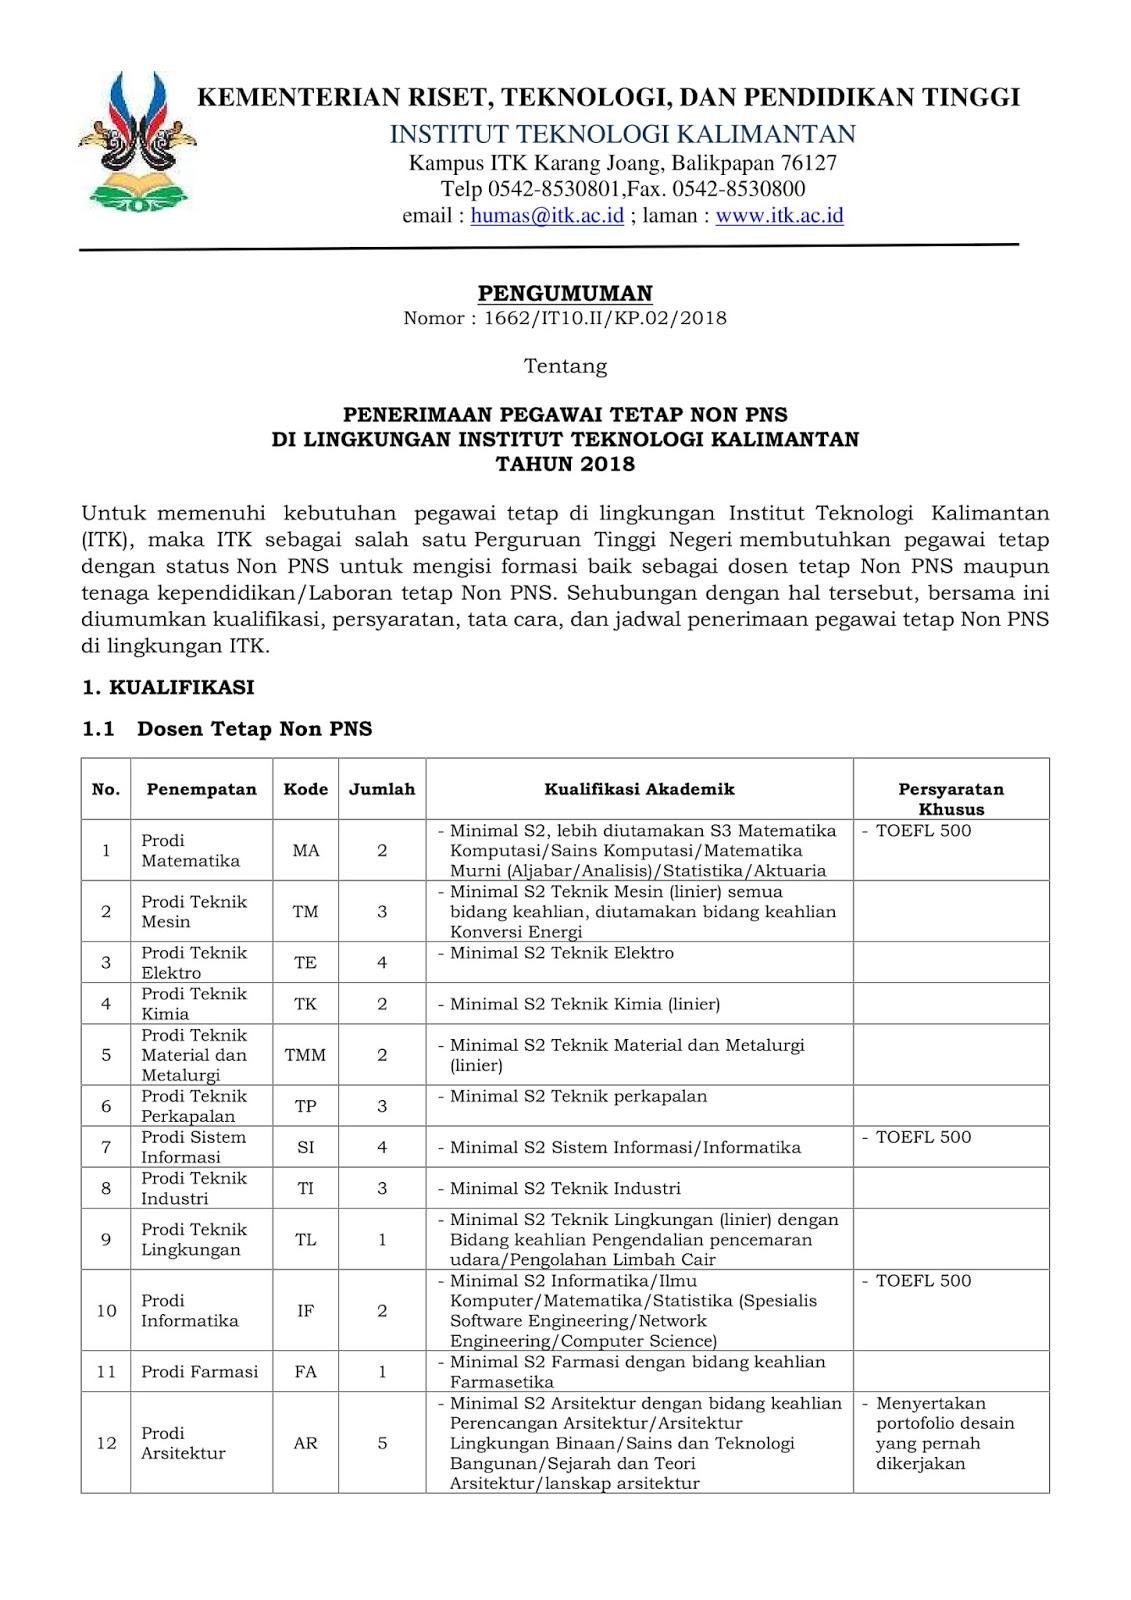 Lowongan Dosen & Tenaga Kependidikan Institut Teknologi Kalimantan (ITK)